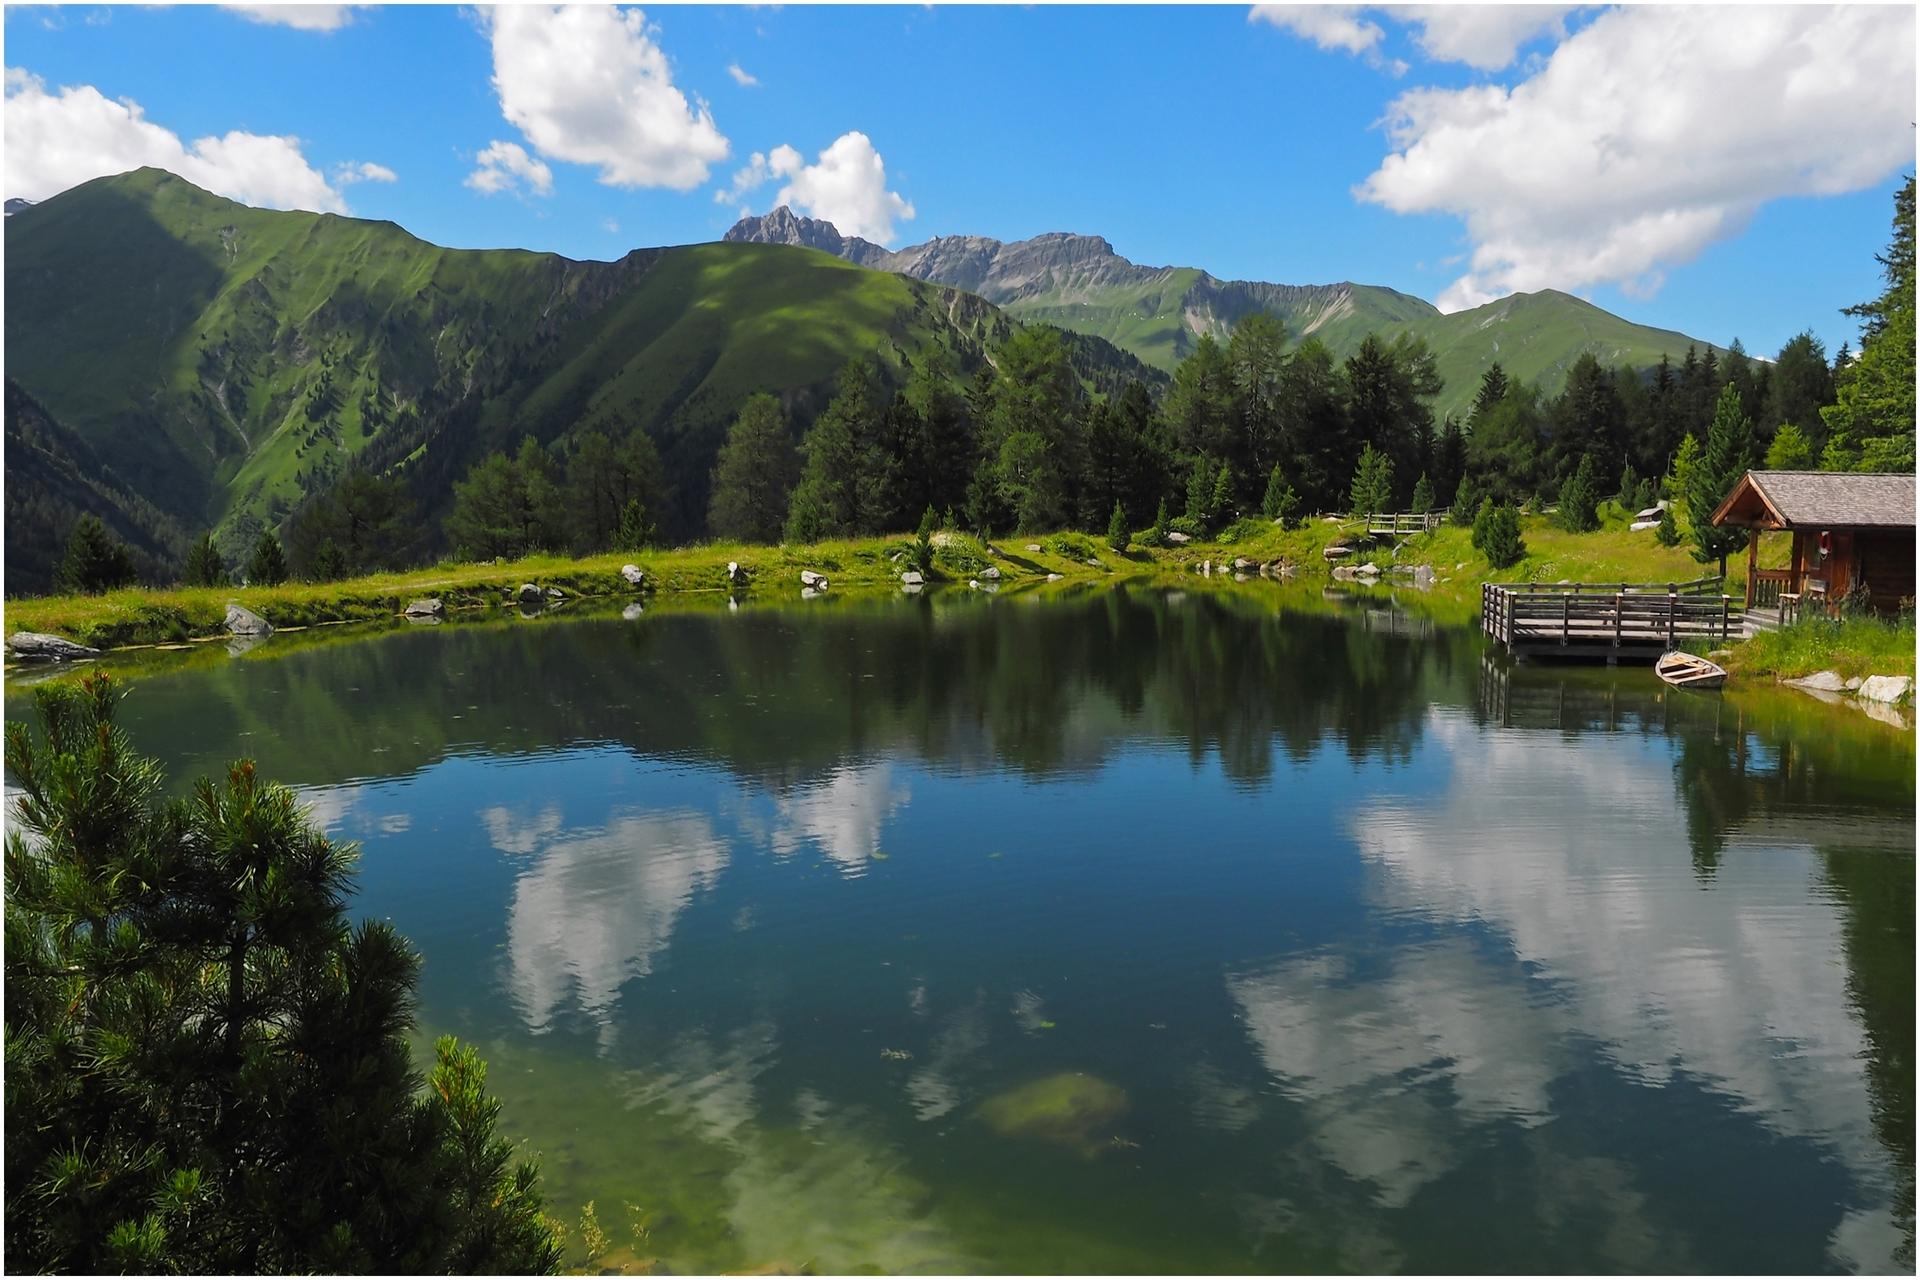 071 Munsch Claude - Carte postale du Tyrol